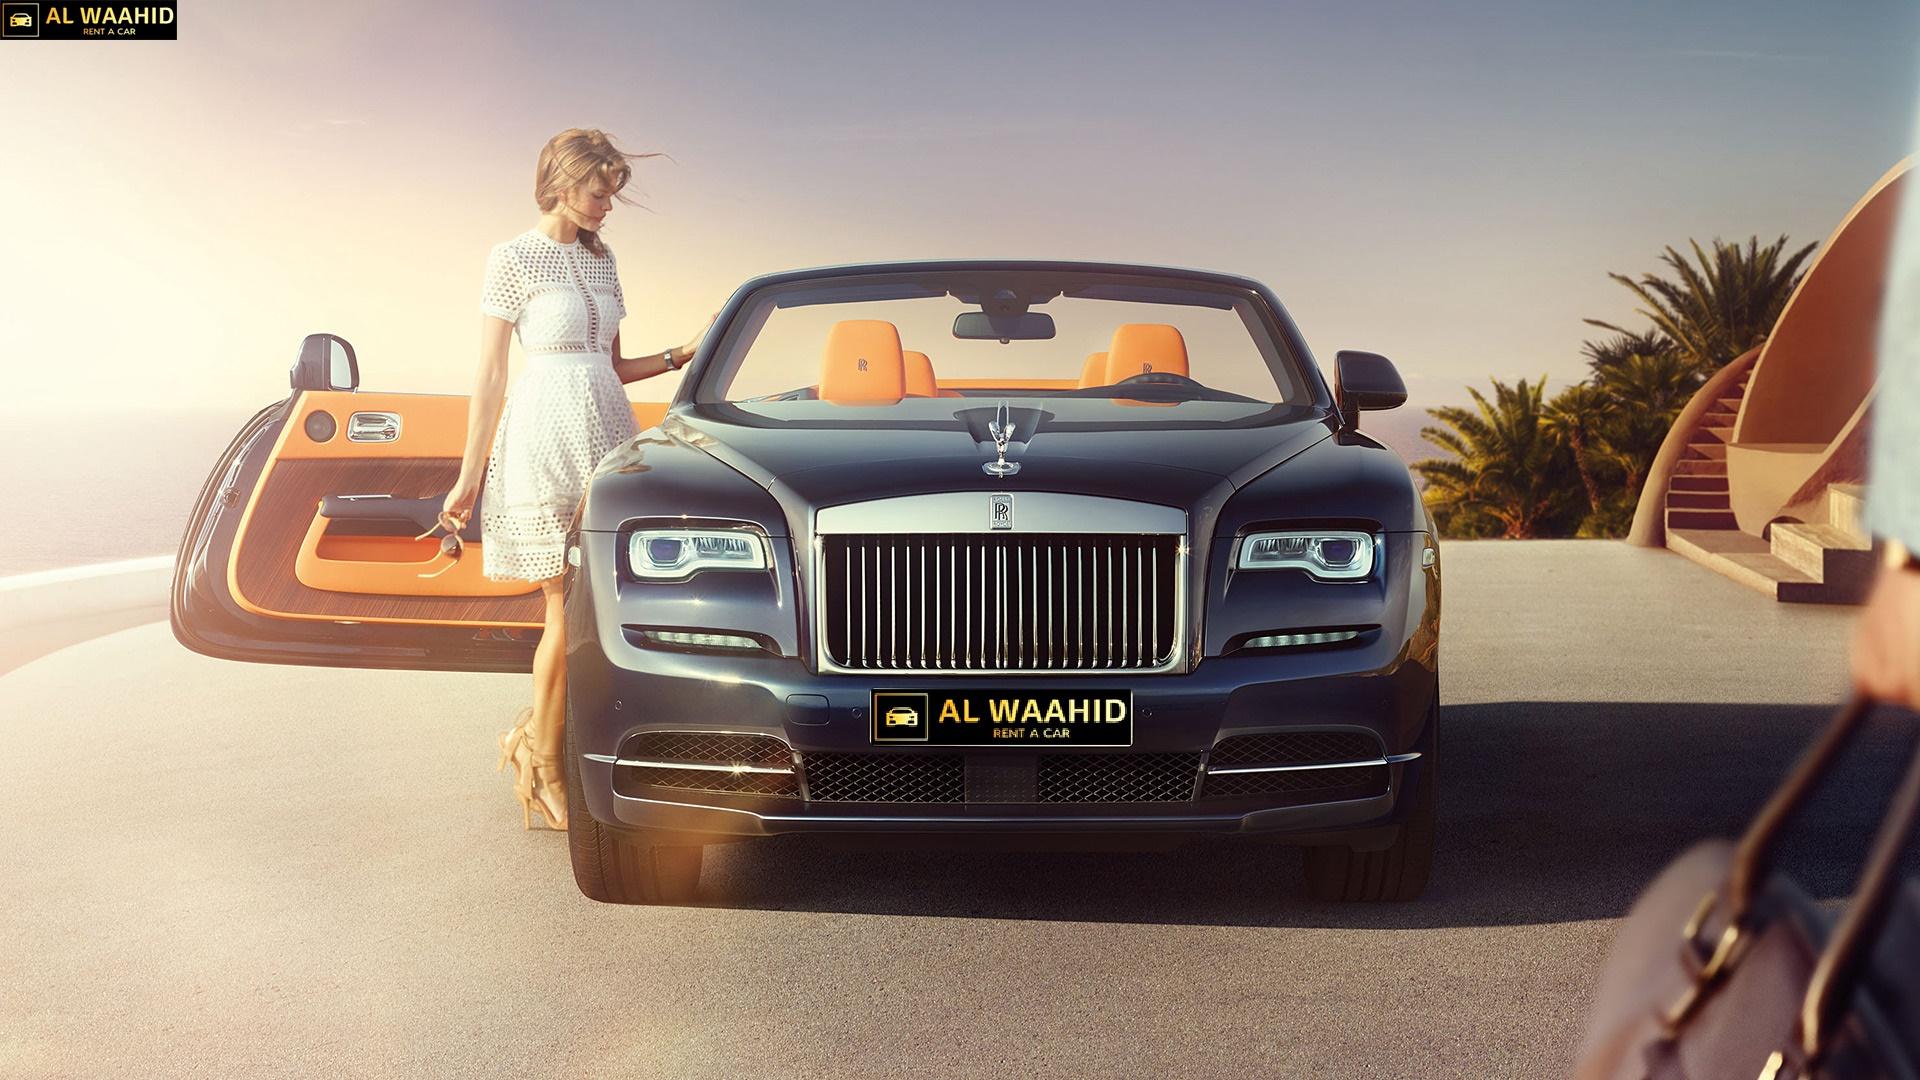 2017Rolls Royce Dawn  luxury car rental dubai alwaahid rent a car